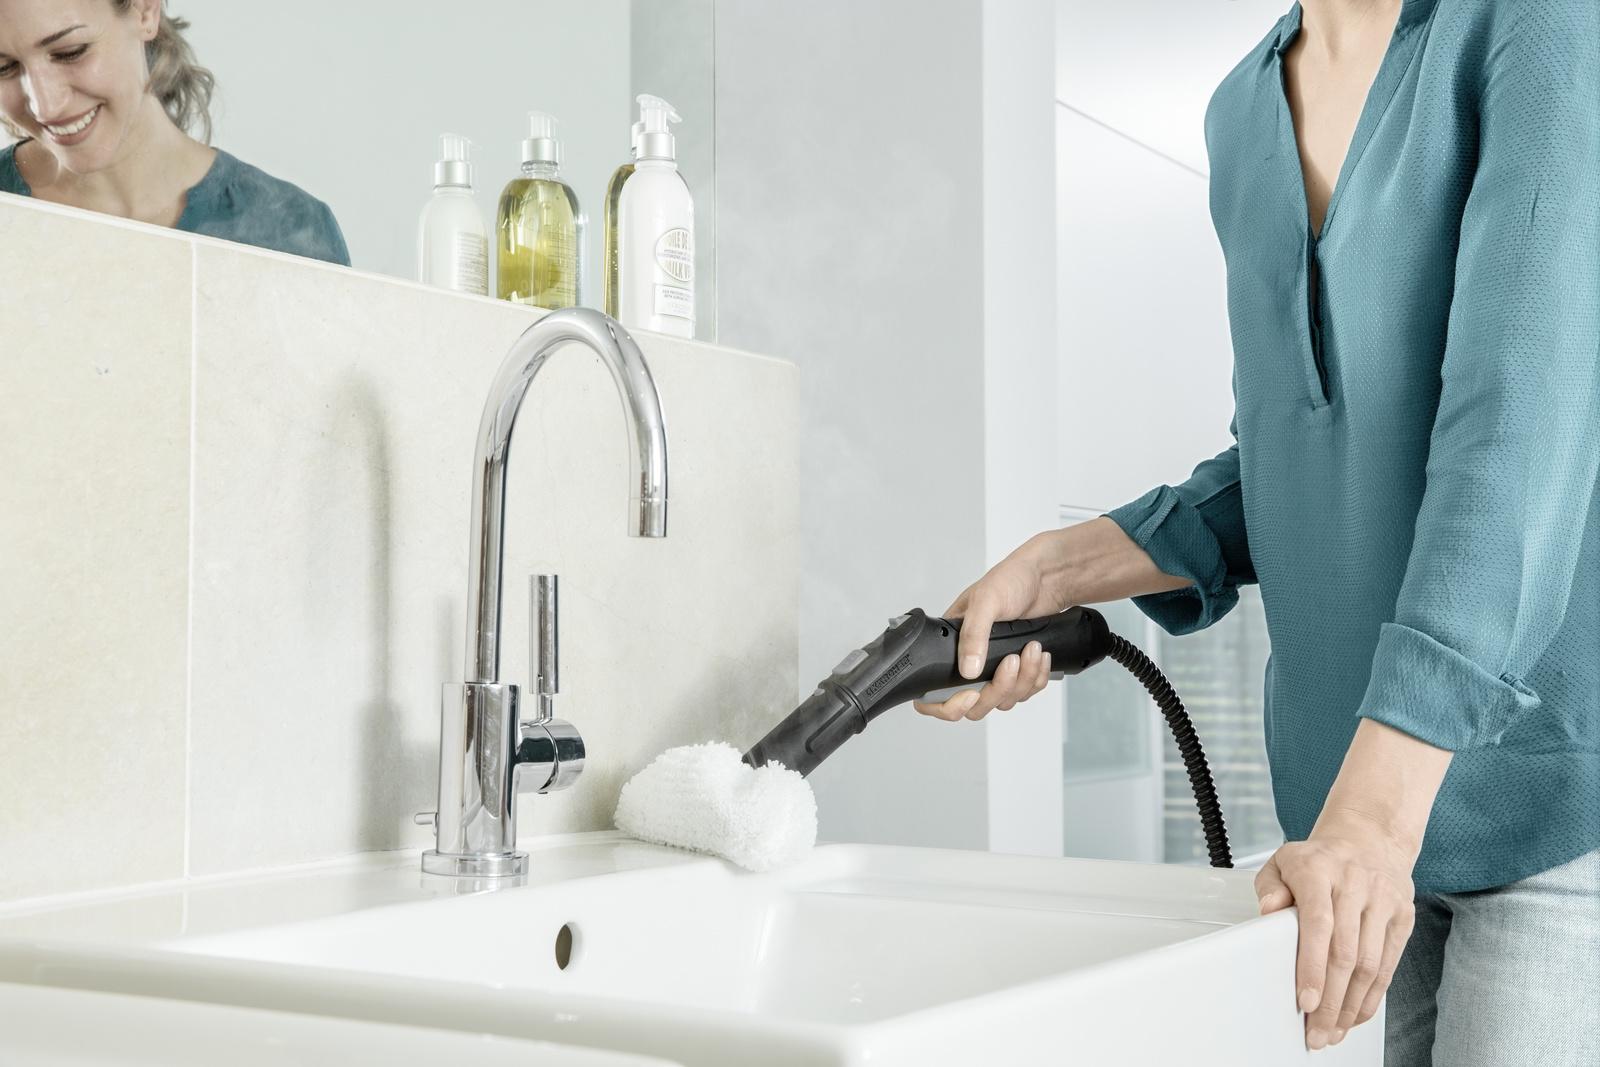 预防病毒感染,清洁卫生至关重要